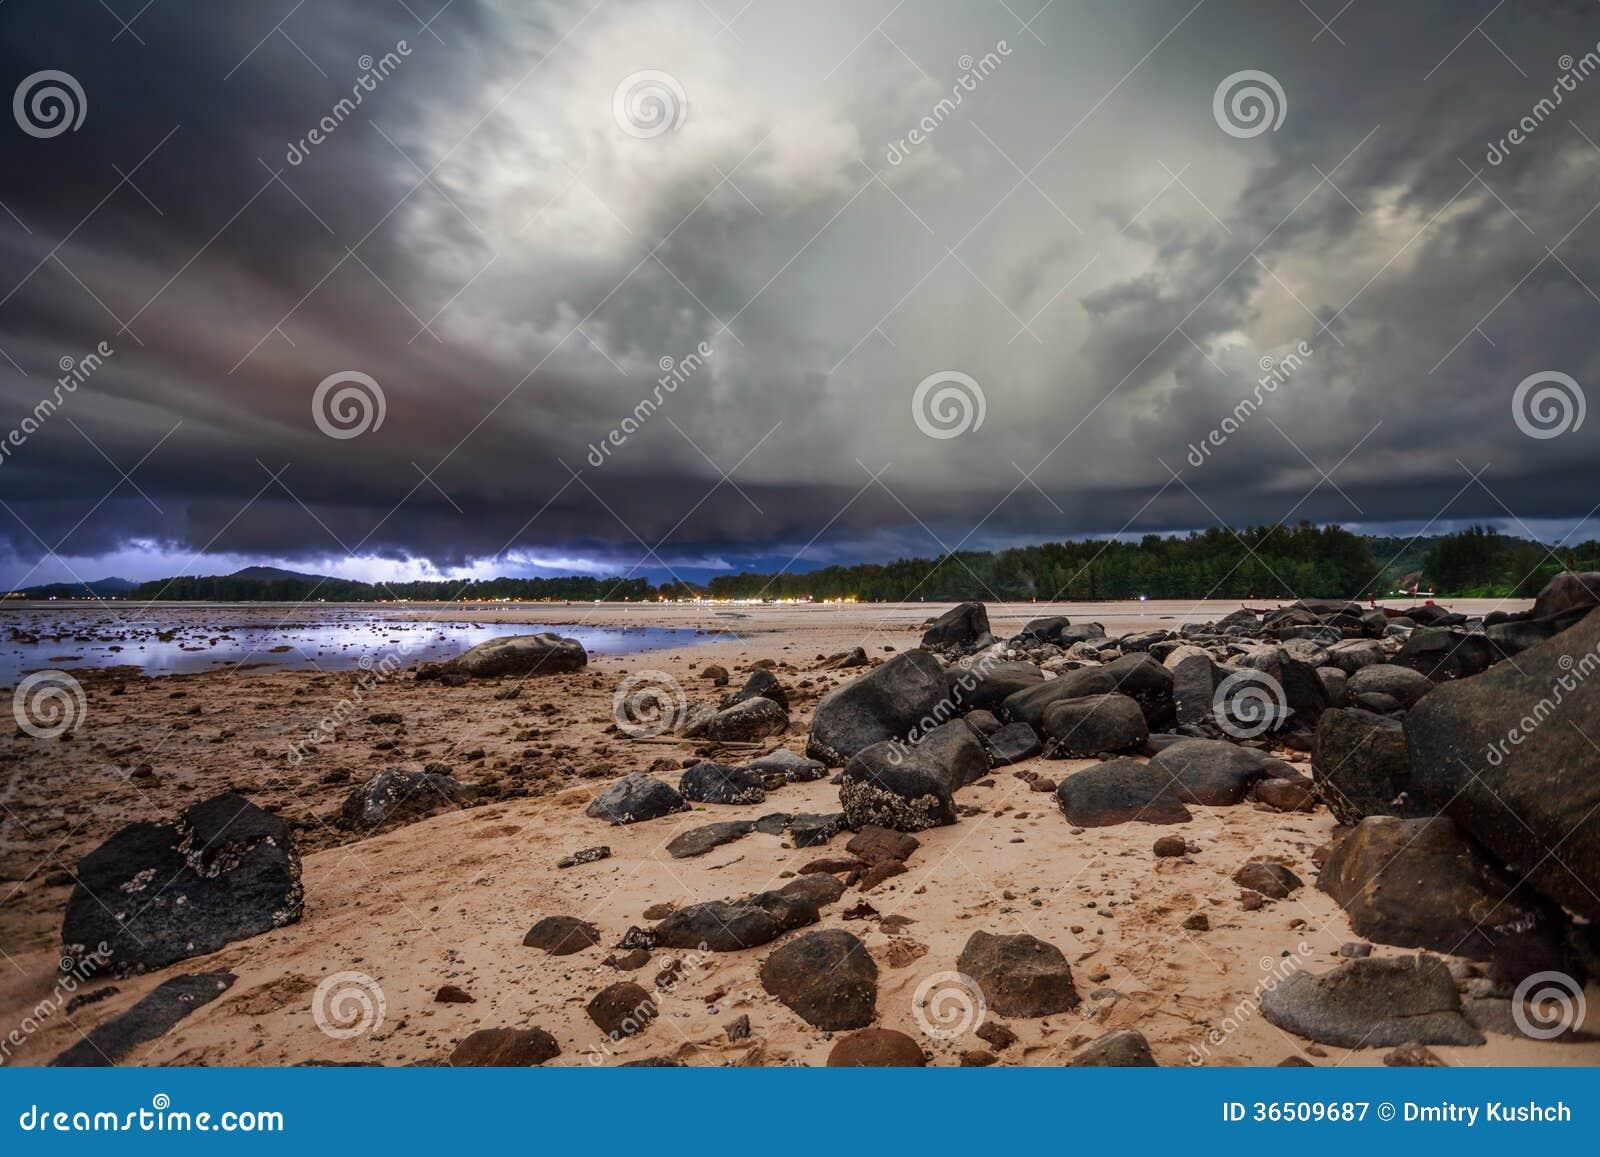 Orage en mer tropicale